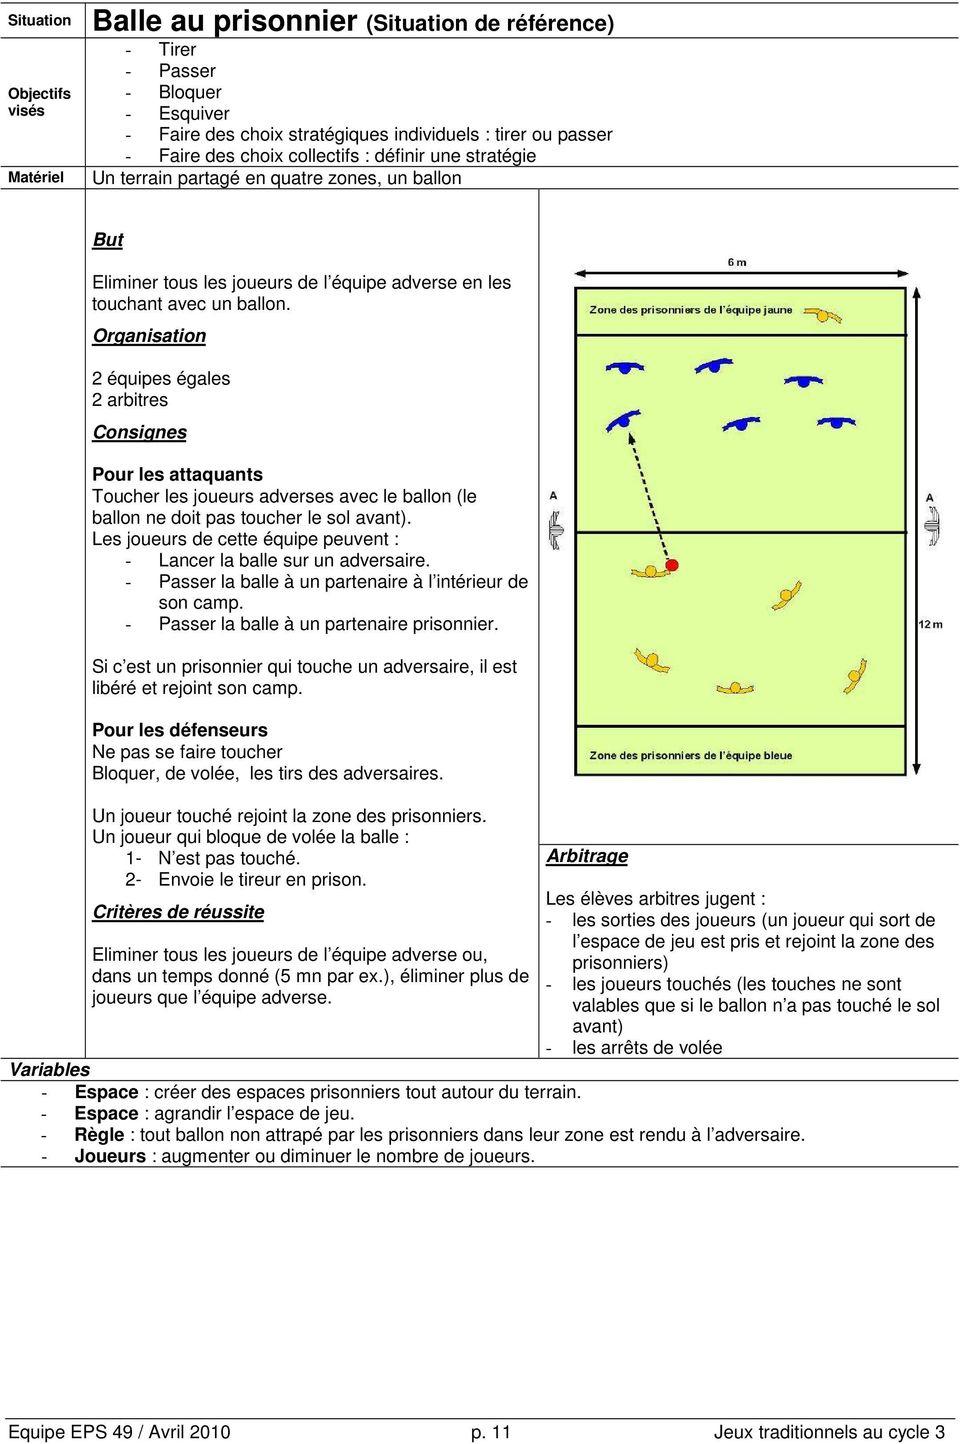 Jeux Collectifs Traditionnels Au Cycle 3 - Pdf serapportantà Jeux Collectifs Cycle 3 Sans Ballon